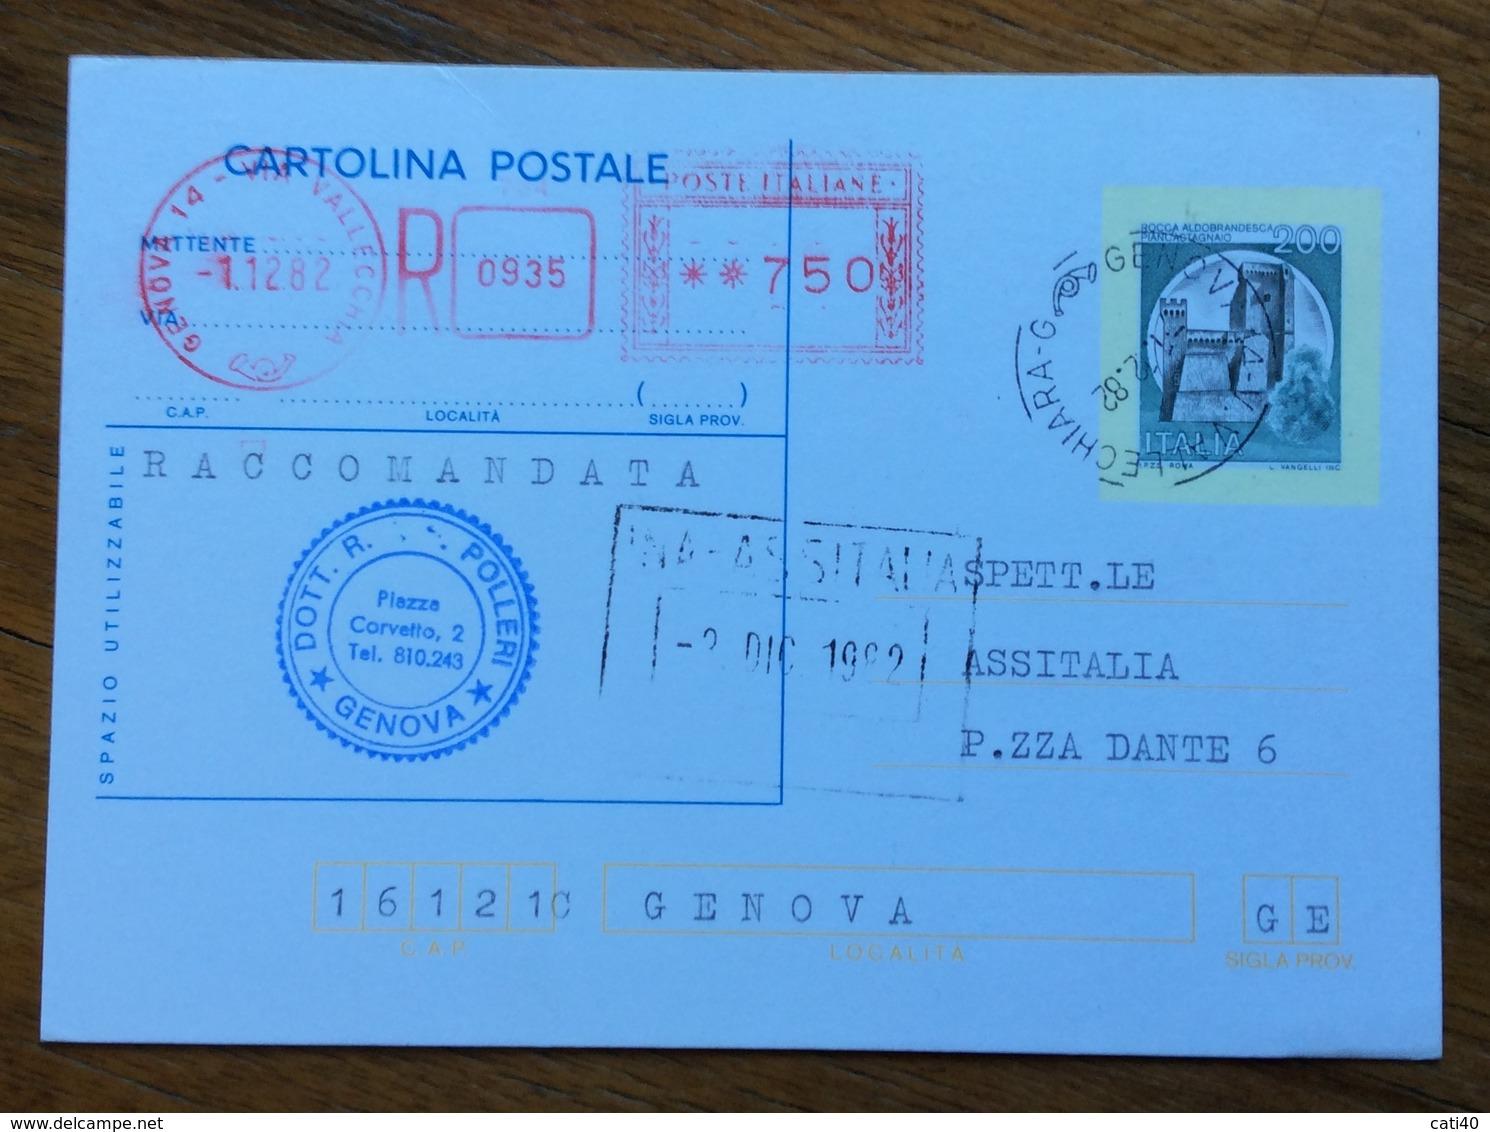 CARTOLINA POSTALE CASTELLI L.200 RACCOMANDATA ASSOLTA CON TARGHETTA ROSSA L.750 - 6. 1946-.. Repubblica